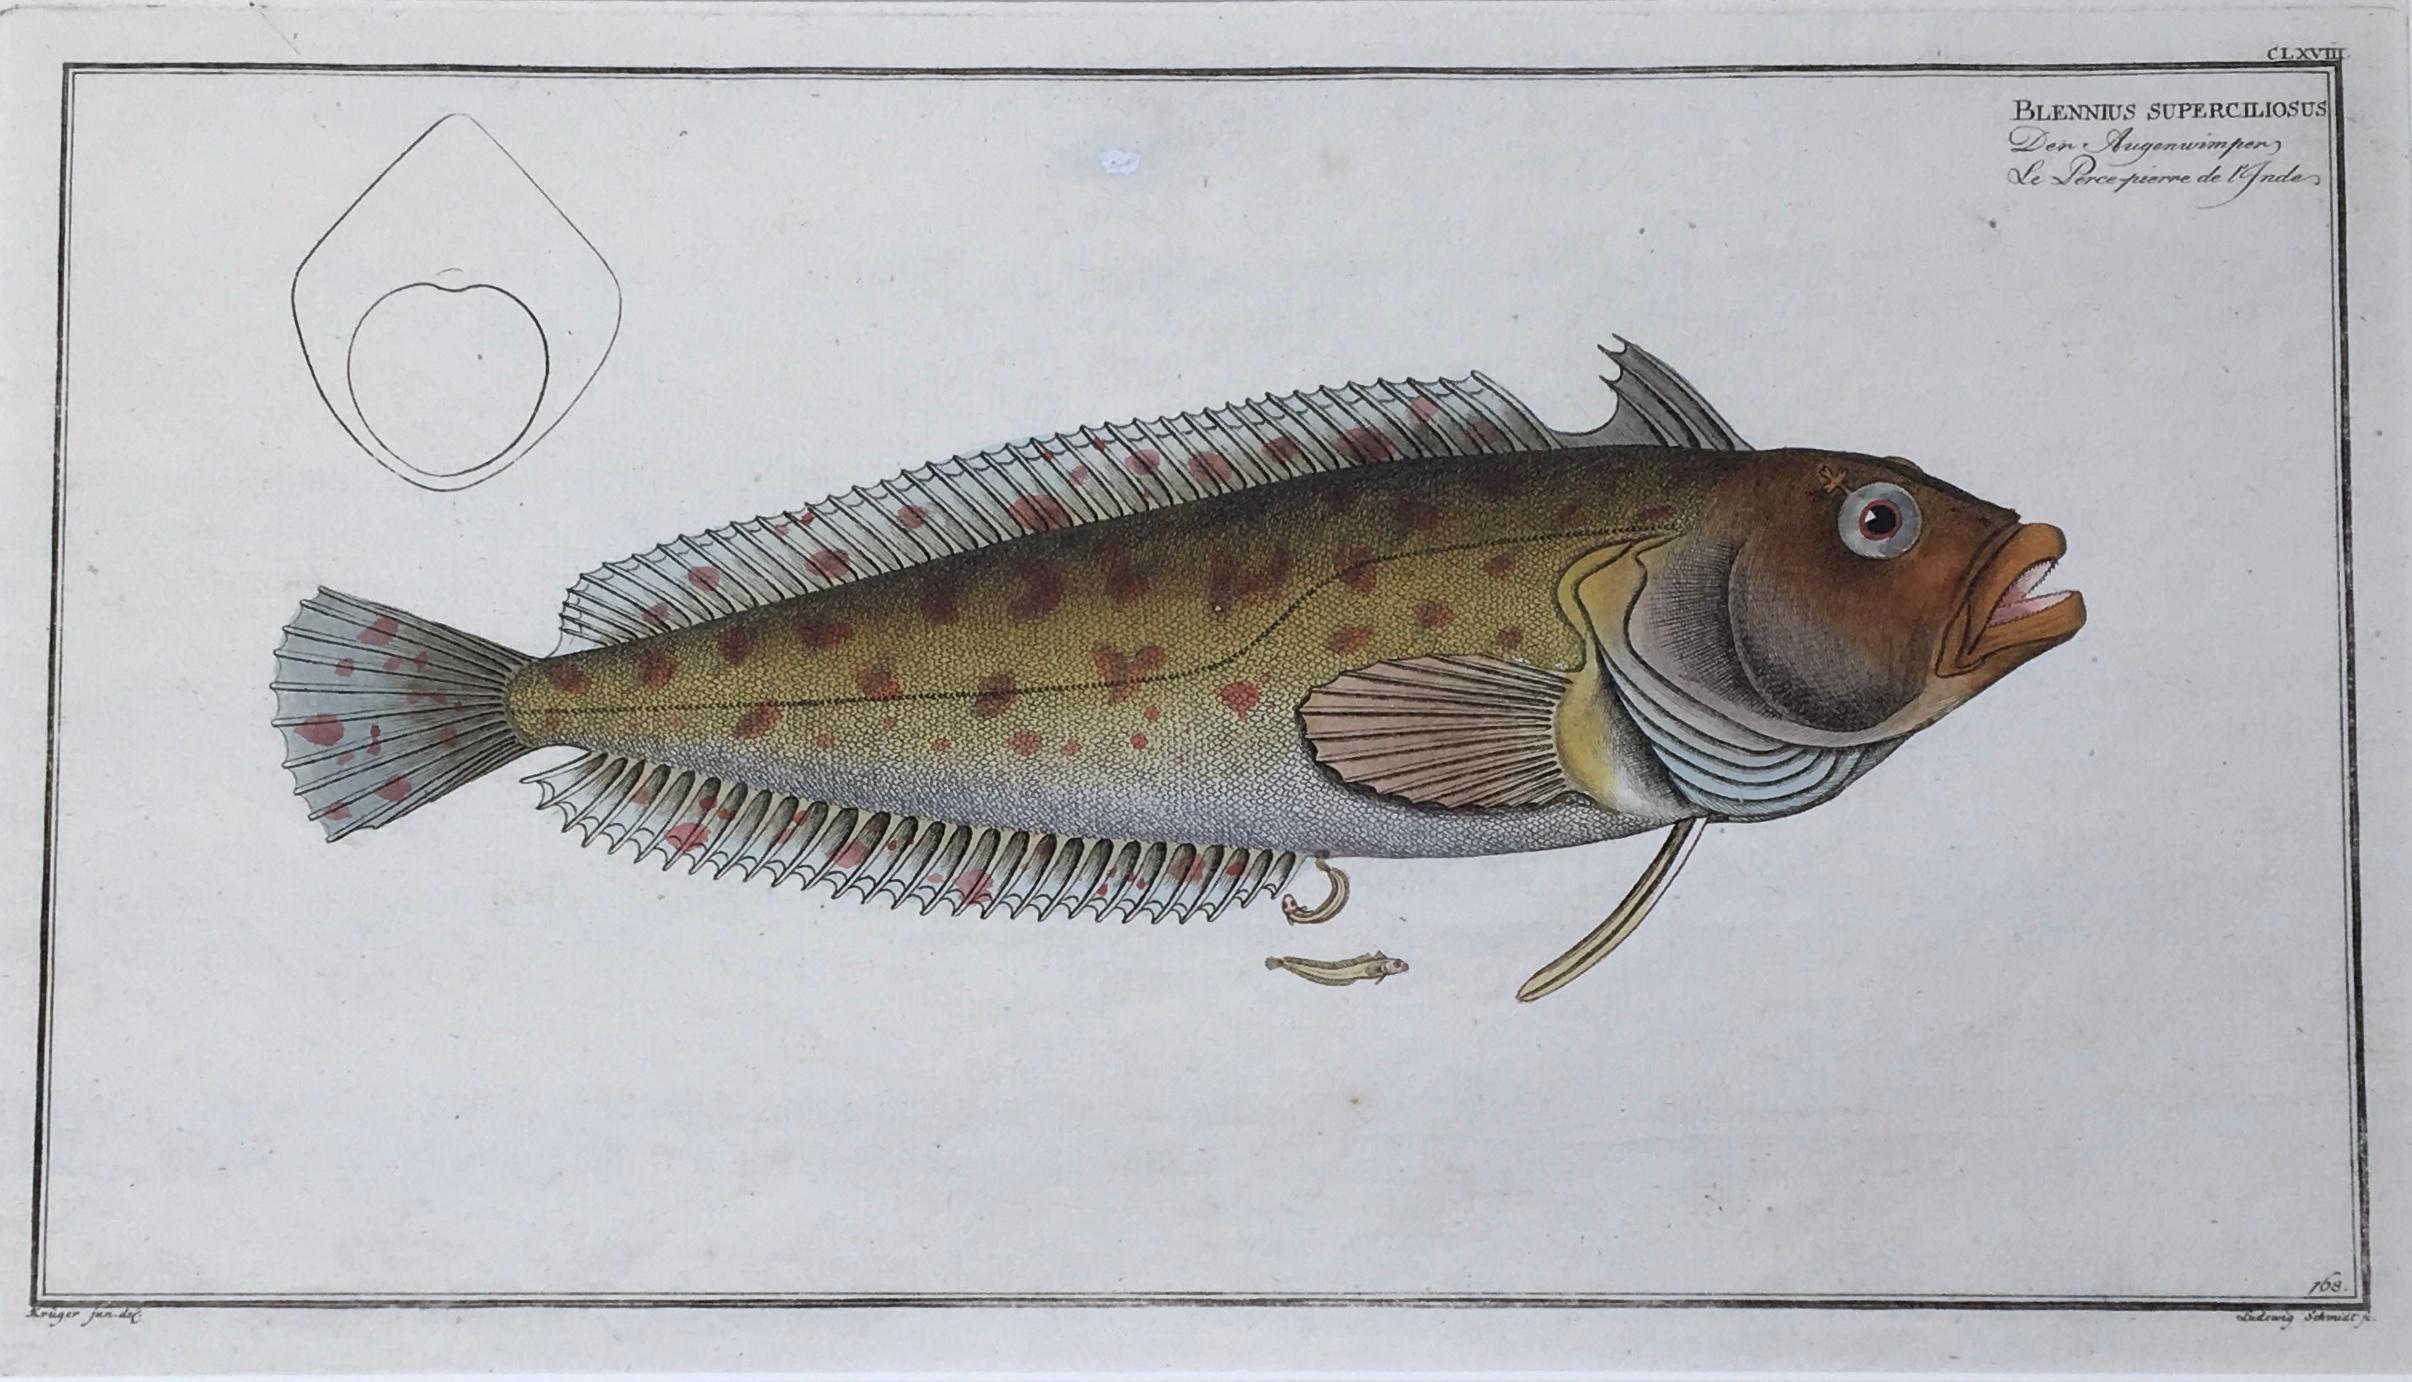 Blennius superciliosus / Der Augenwimper / Le: FISCHE / BLENNIUS